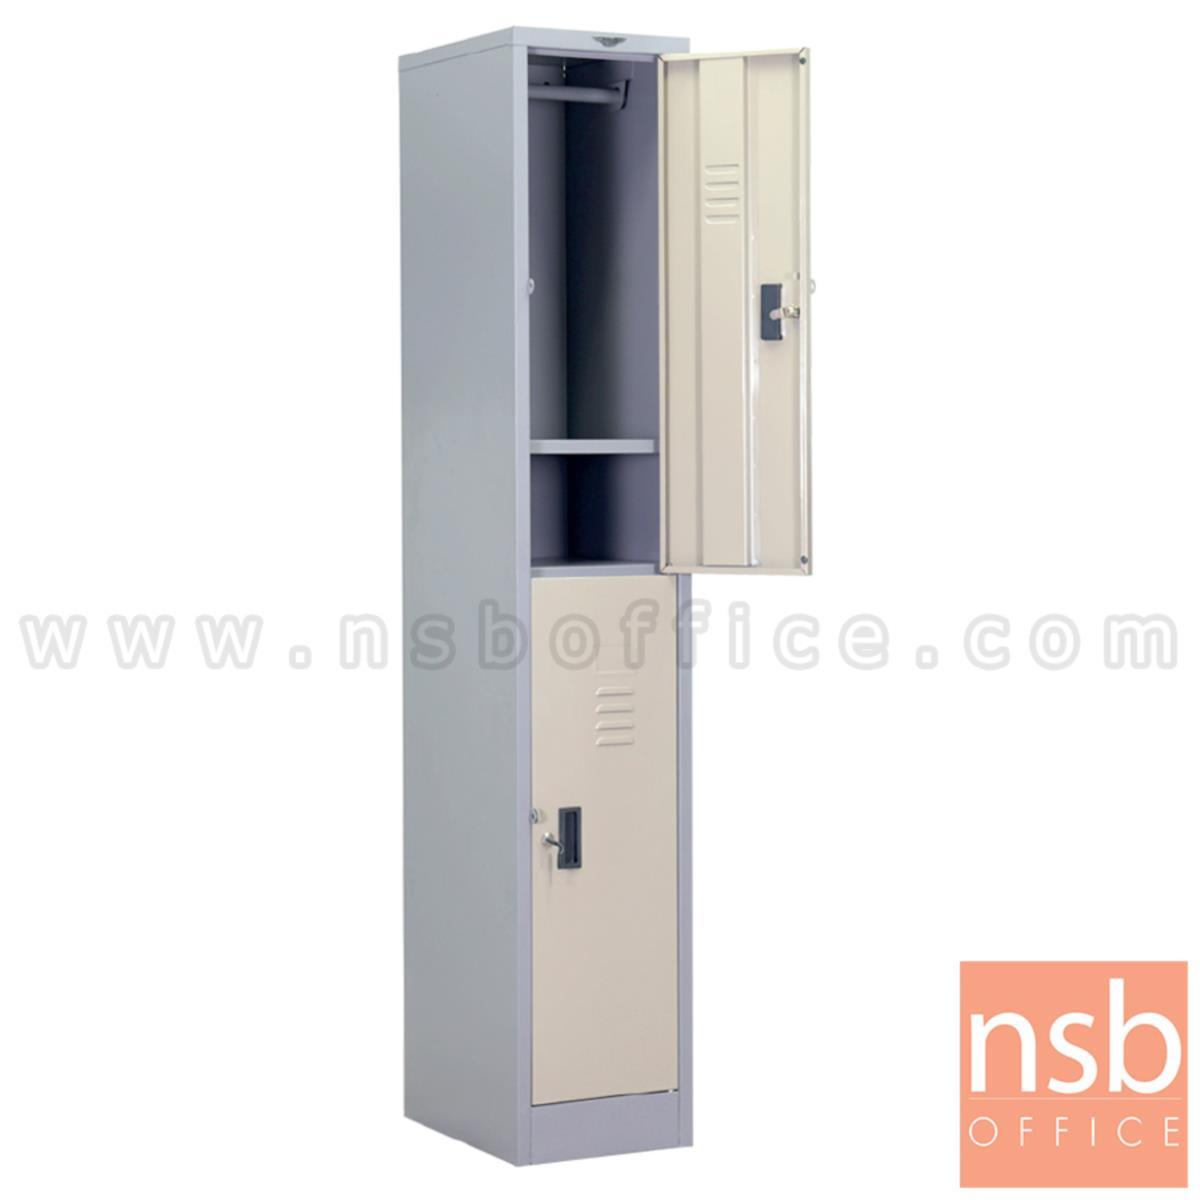 ตู้ล็อคเกอร์ 2 ประตู รุ่น Birming (เบอร์มิง)  มี 2 กุญแจ